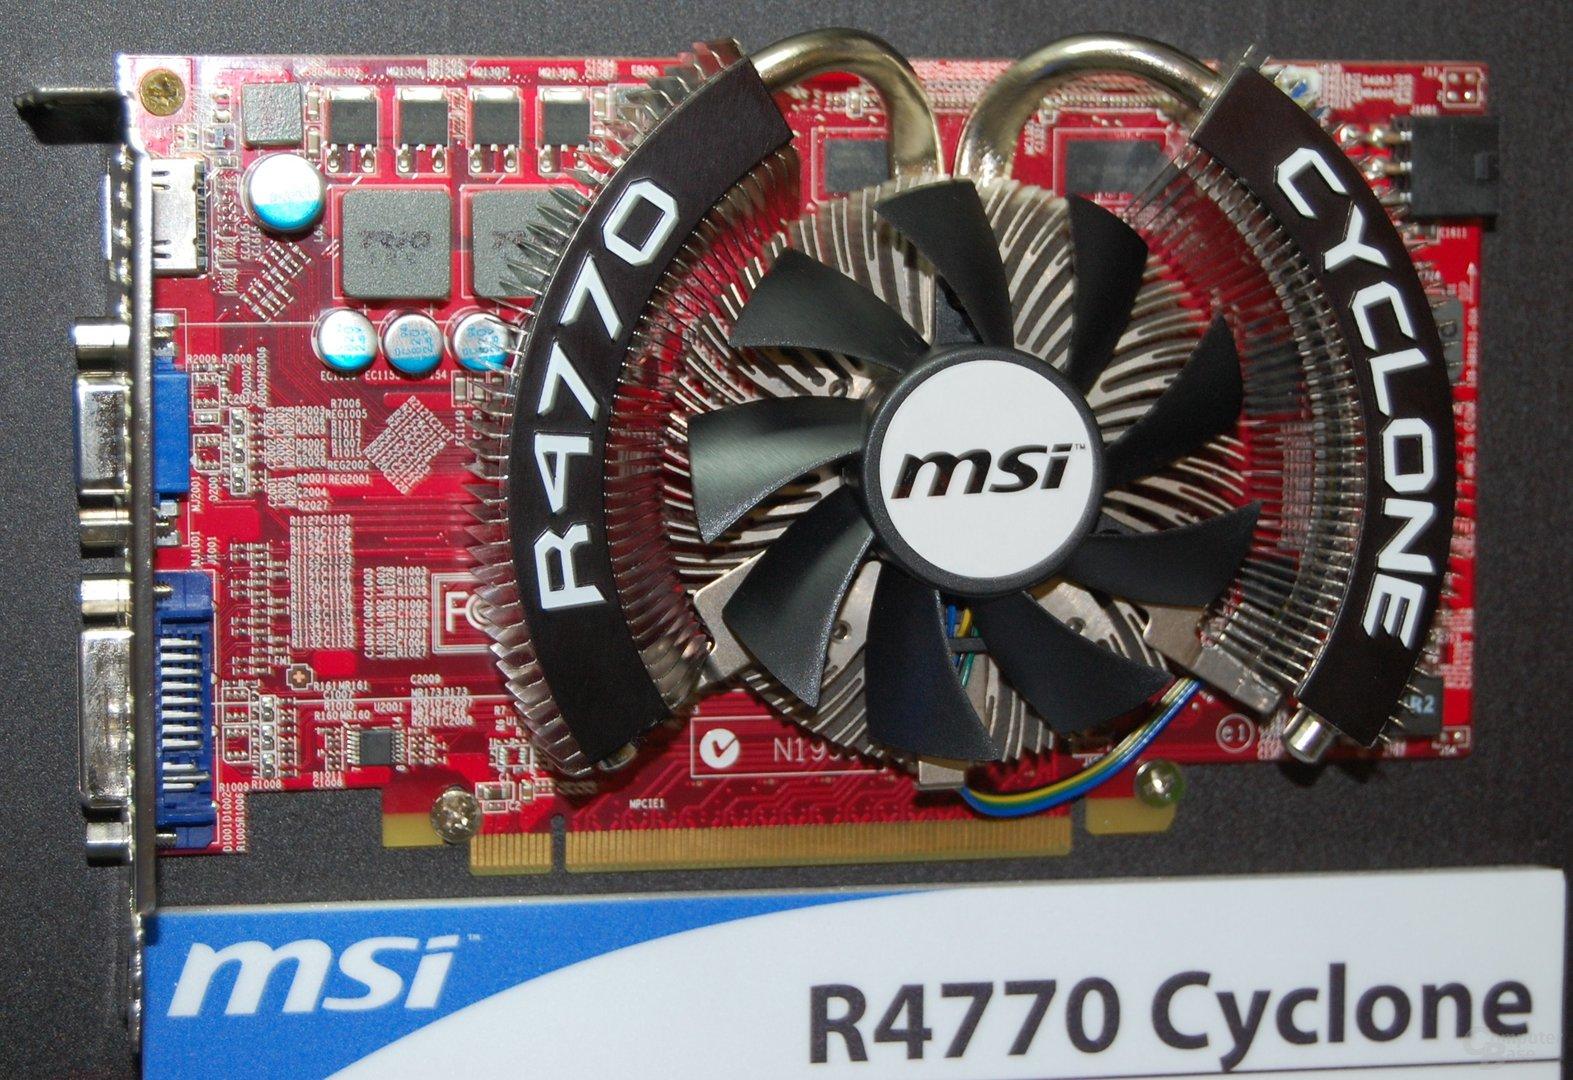 MSI Radeon HD 4770 Cyclone